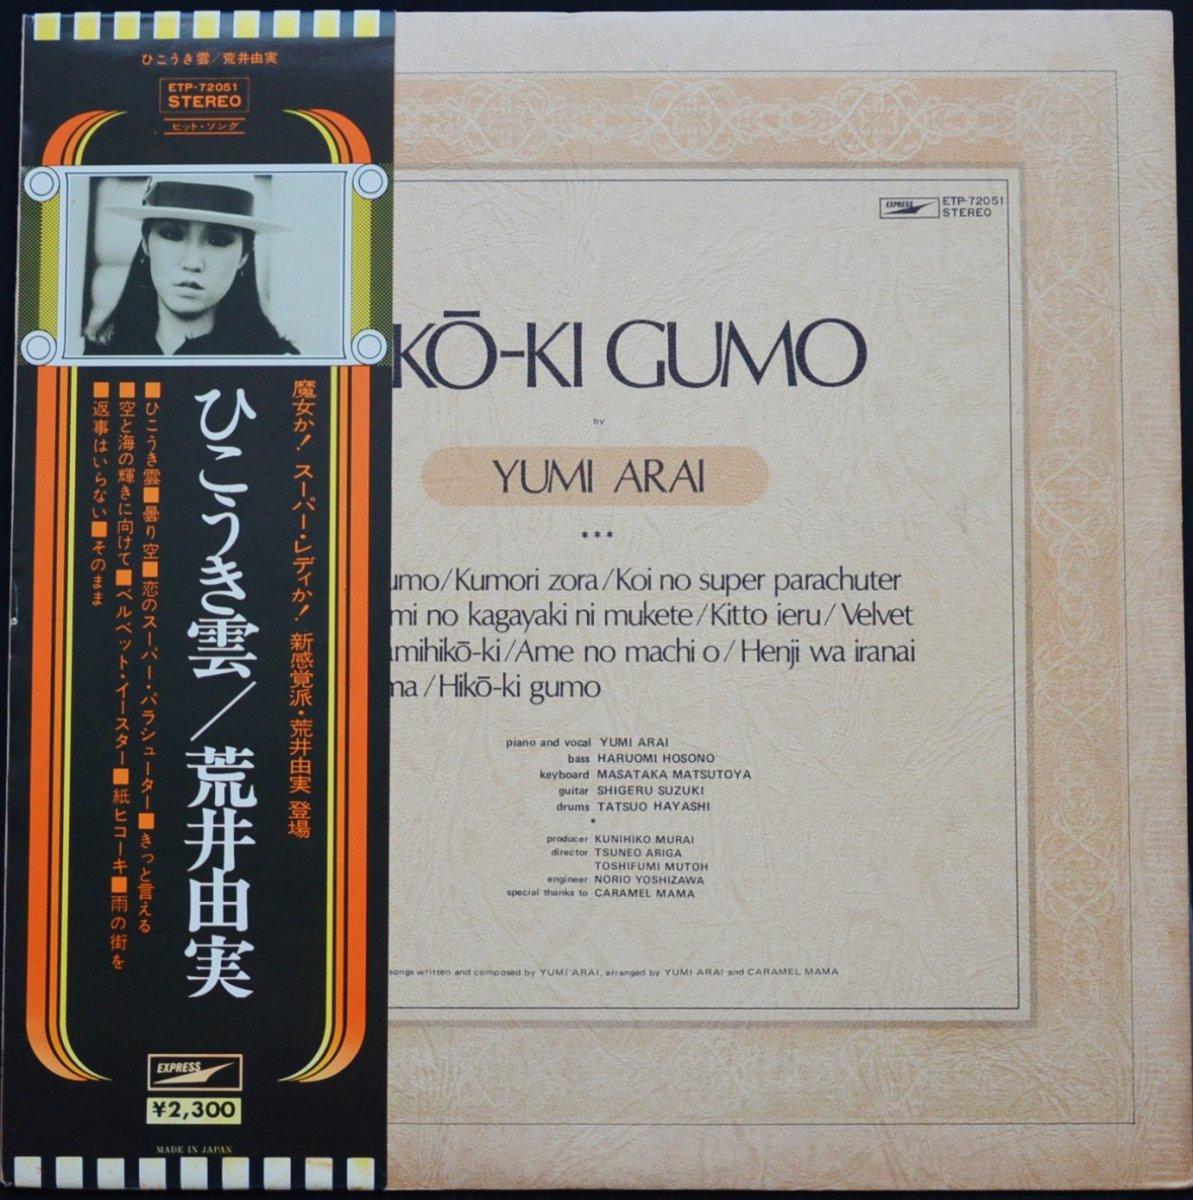 荒井由実 YUMI ARAI / ひこうき雲 HIKO-KI GUMO (LP)